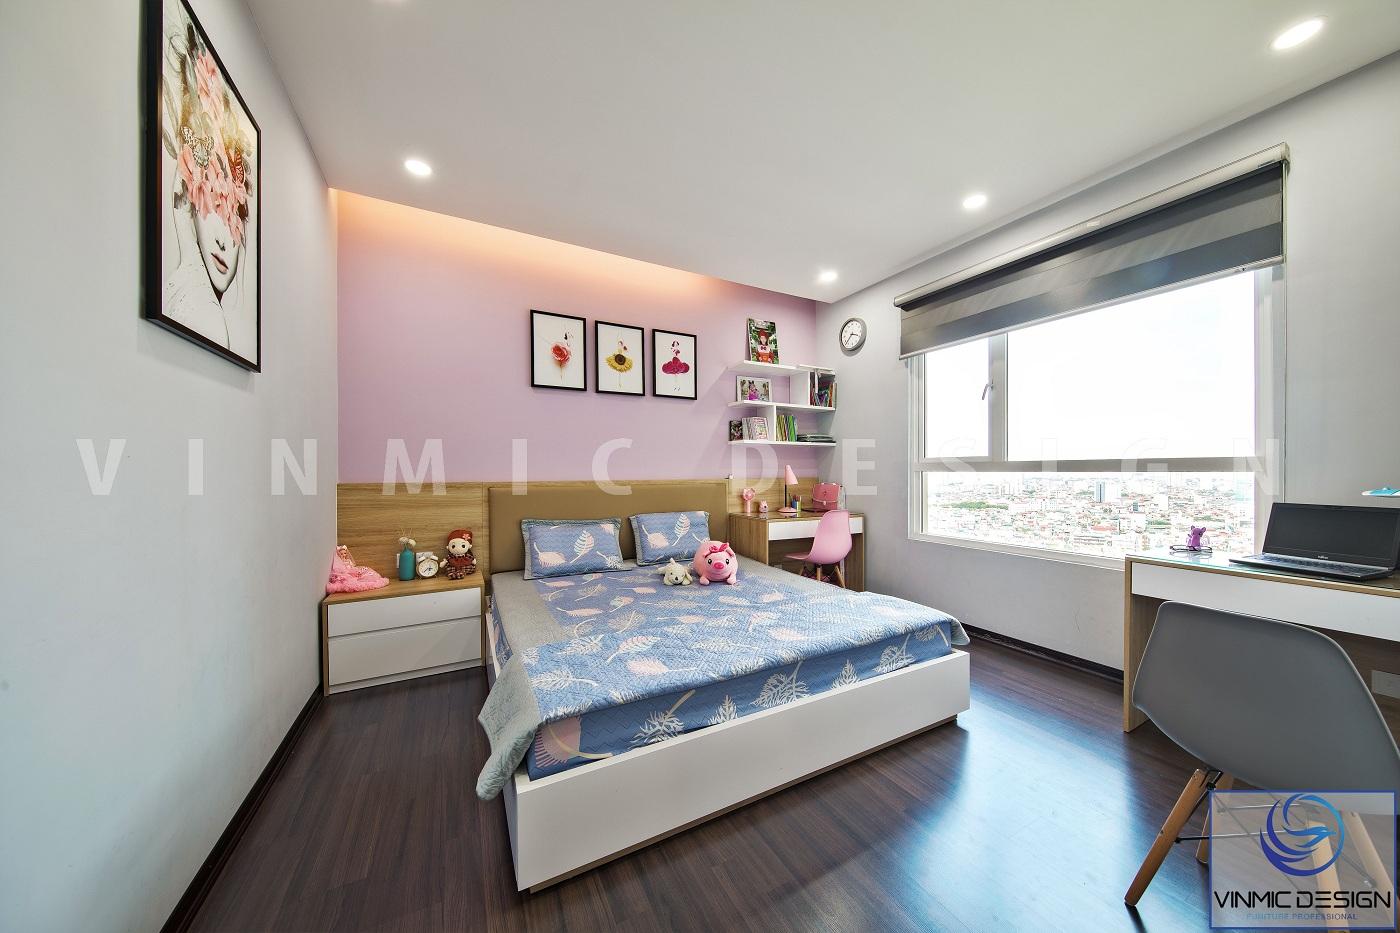 Thi công phòng ngủ con với màu sắc đẹp mắt, gọn gàng